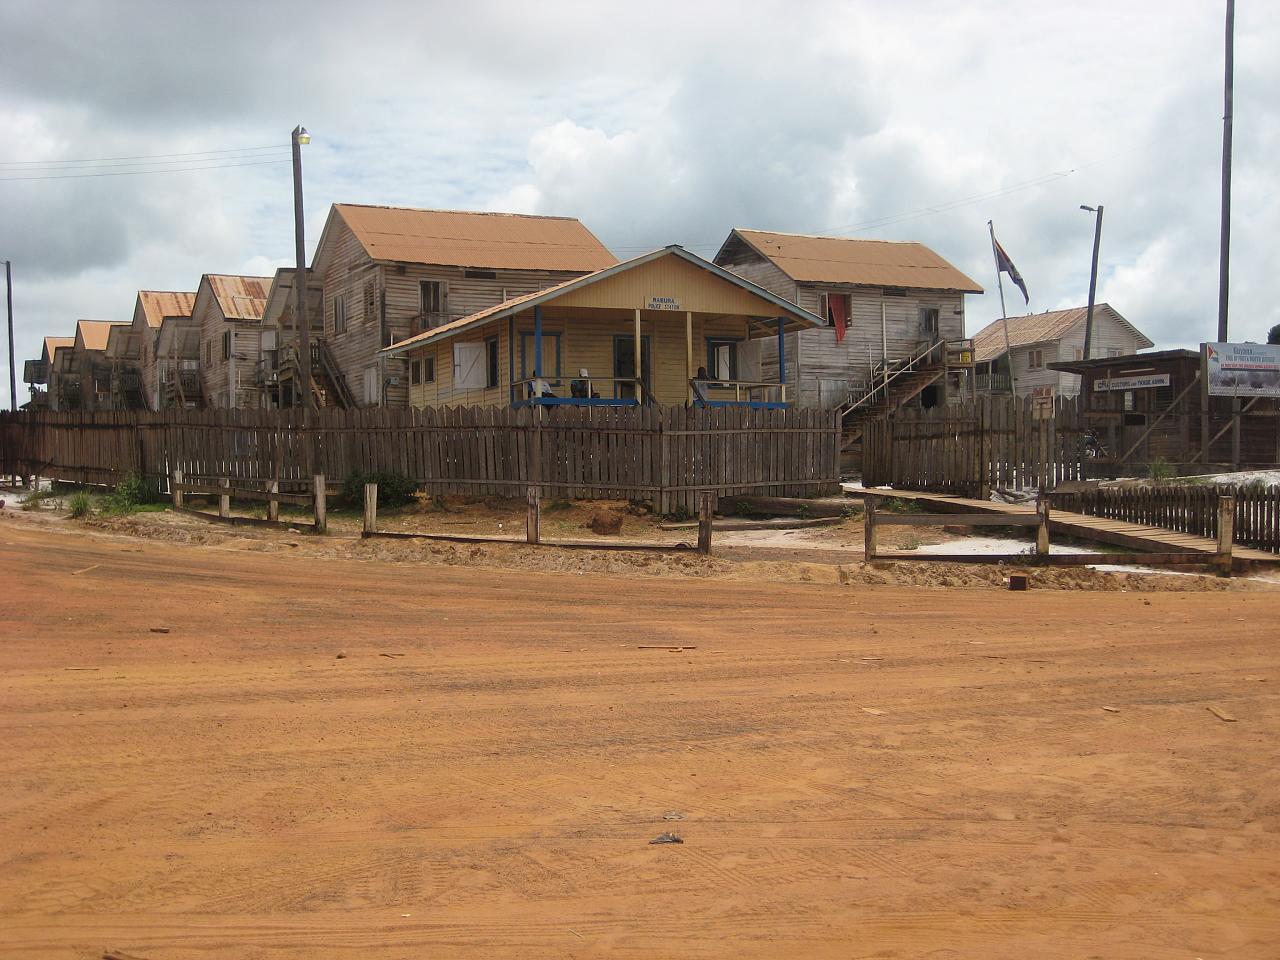 Mabura, Guyana